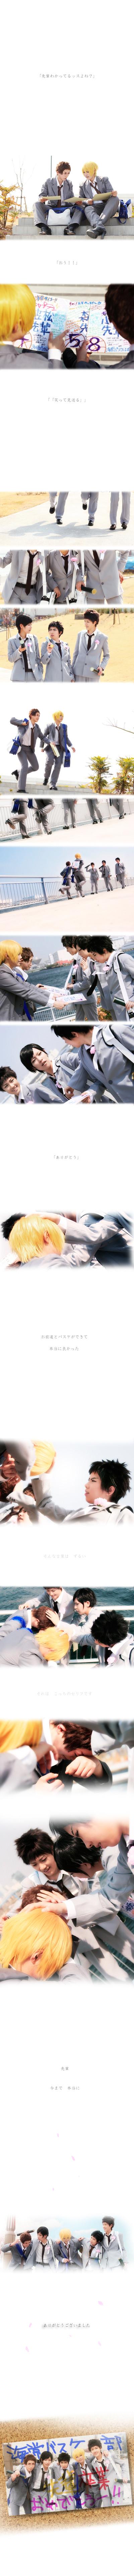 kaijou01.jpg